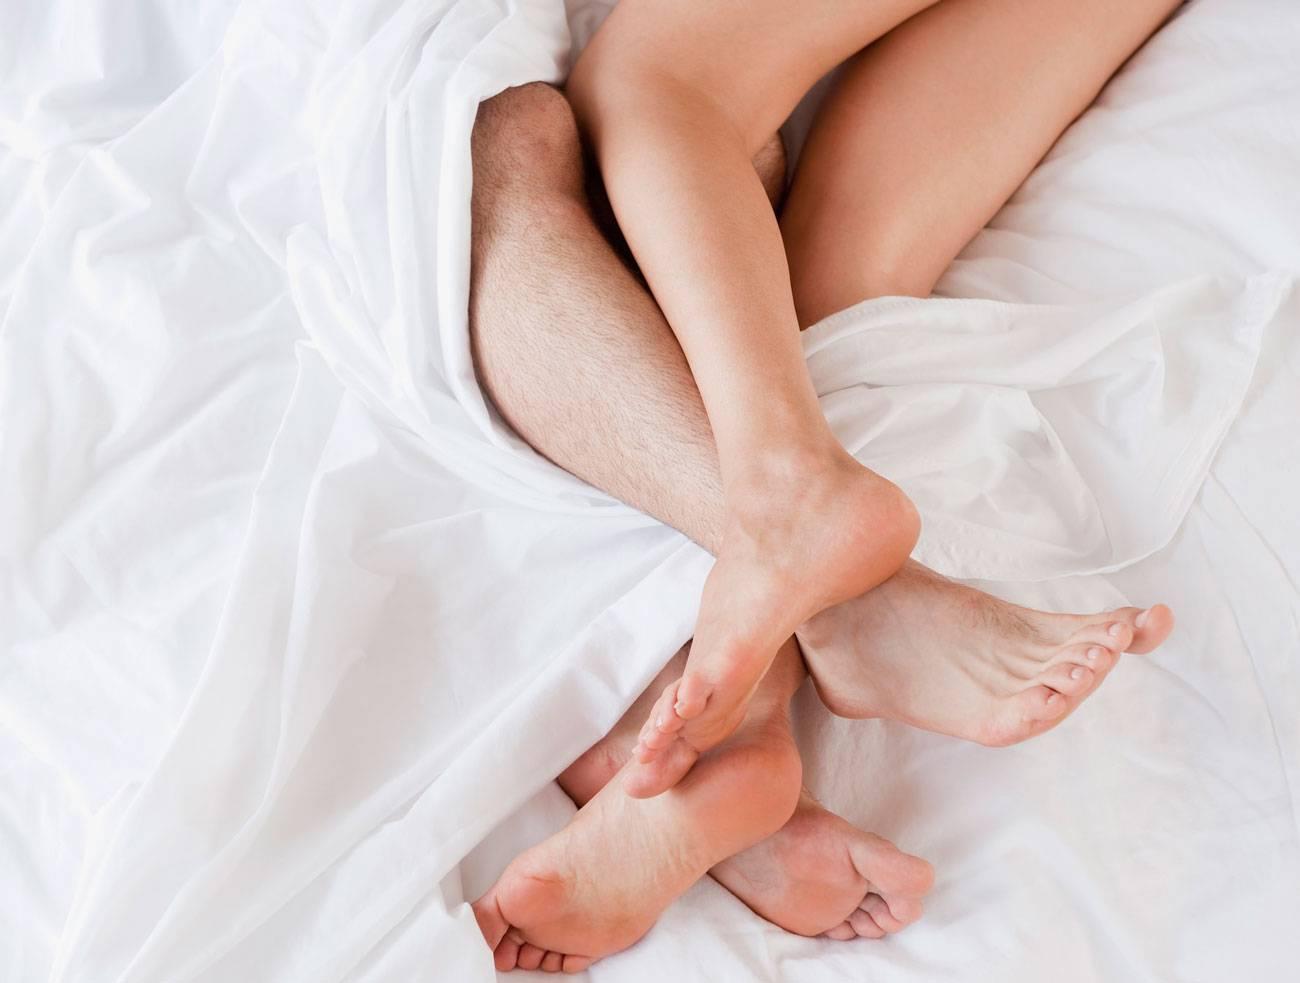 Simplesmente dormir nu tem uma série de benefícios para a saúde, incluindo melhor sono, humor equilibrado, melhor vida sexual, perda de peso e saúde sexual para homens e mulheres.